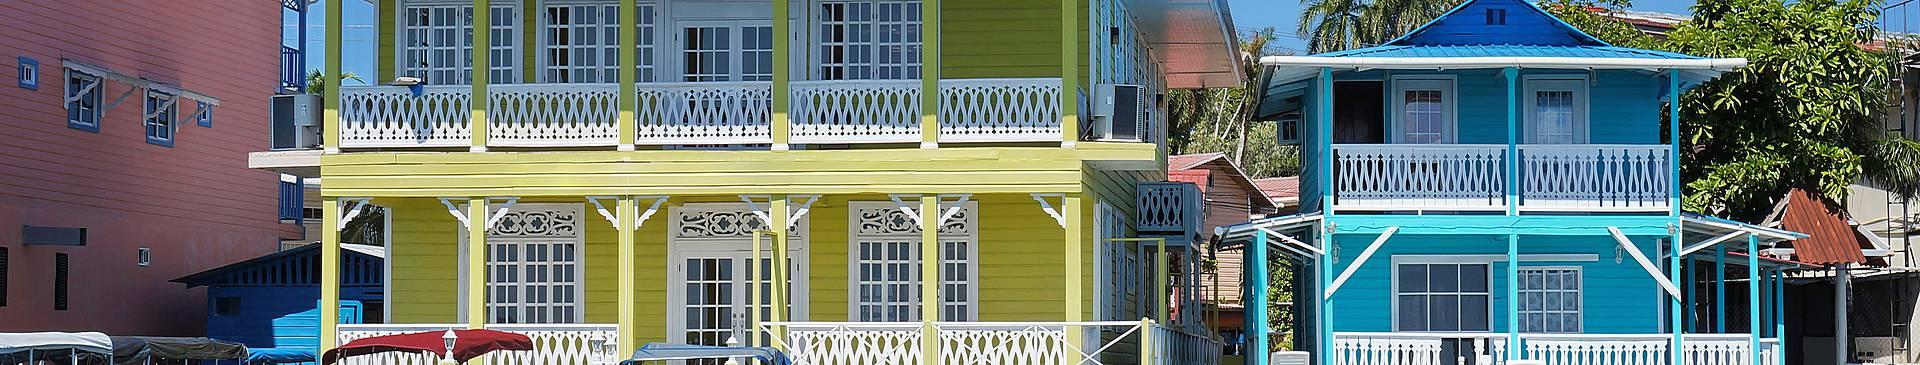 Viaggi a Panama in estate